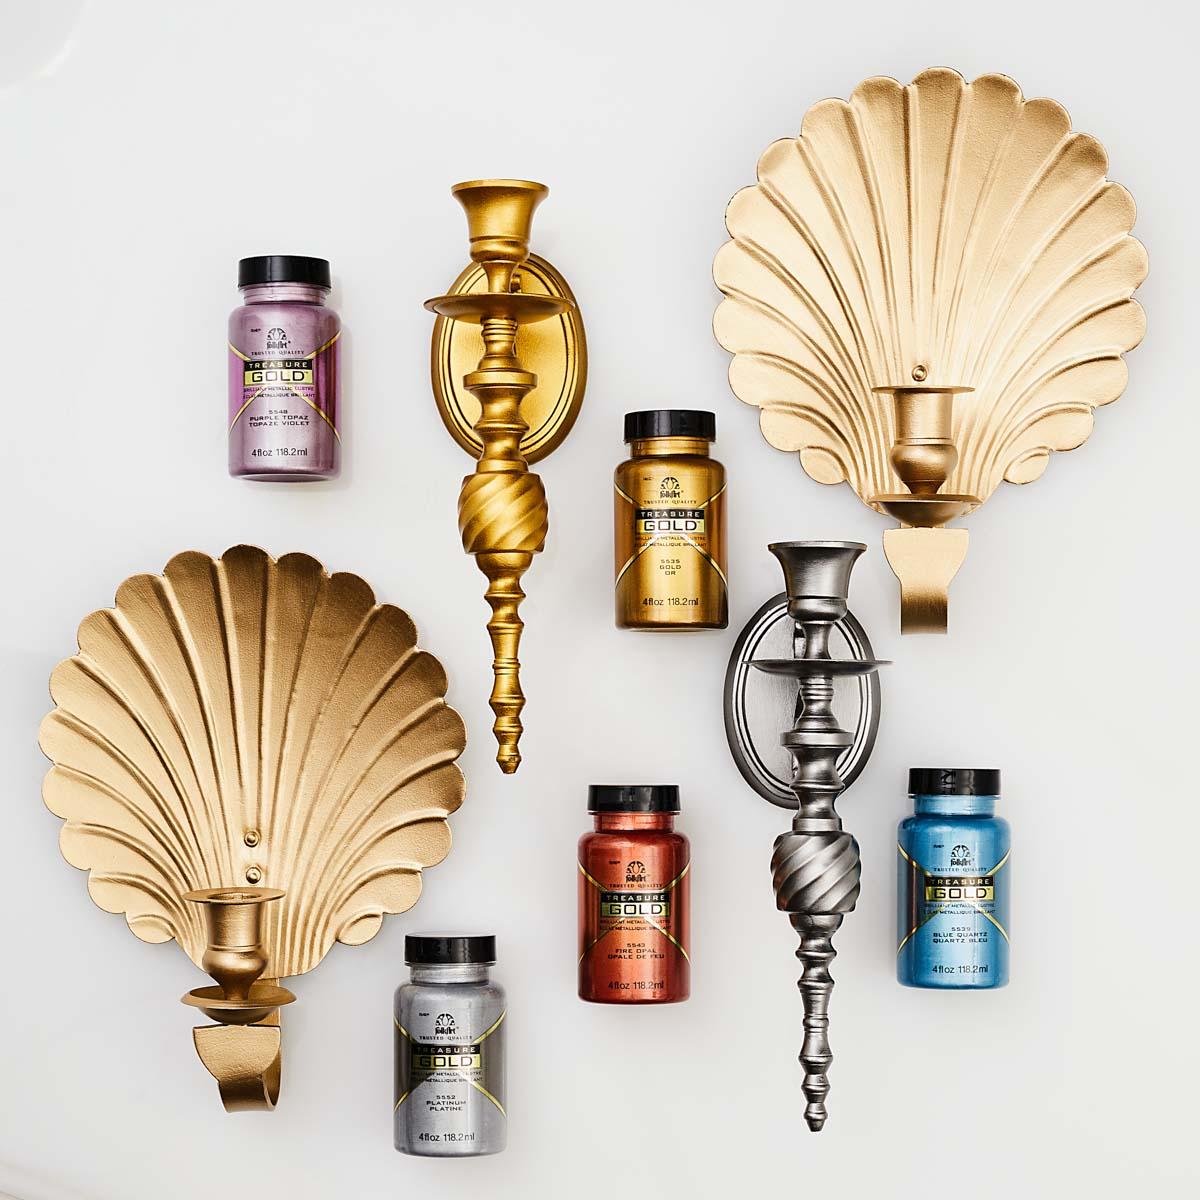 FolkArt ® Treasure Gold™- Light Amethyst, 2 oz. - 3111